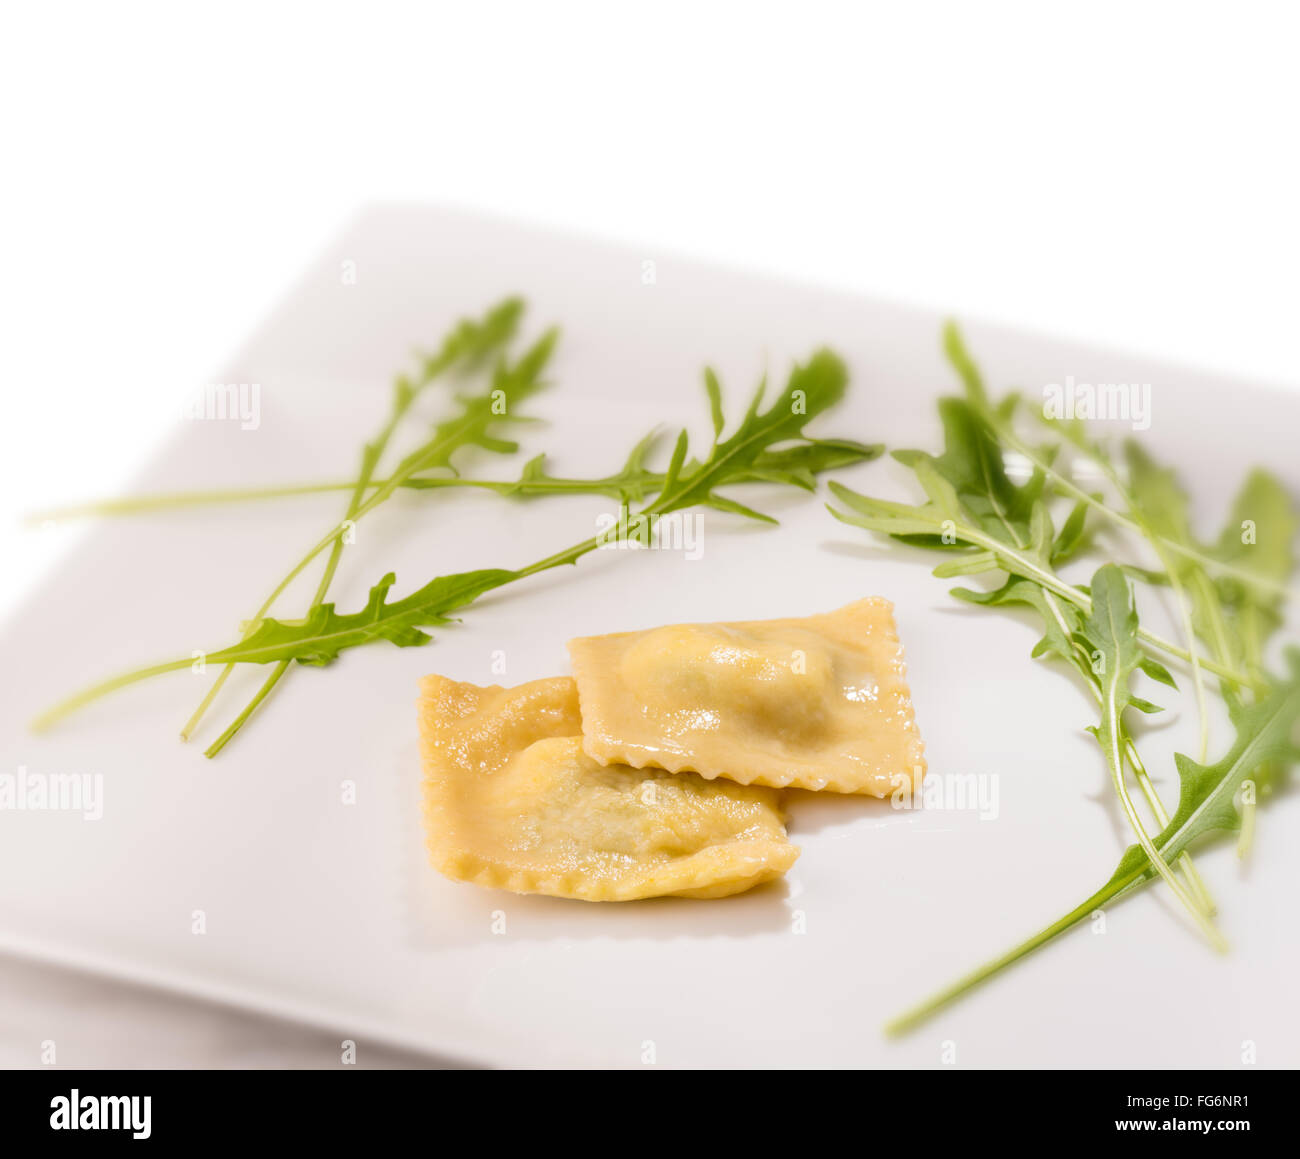 Hand-Küche-Spinat-Ricotta-Cotta Teig Stempel Ravioli Stempel Käse Frischkäse Eier von Oliv schneiden Stockbild